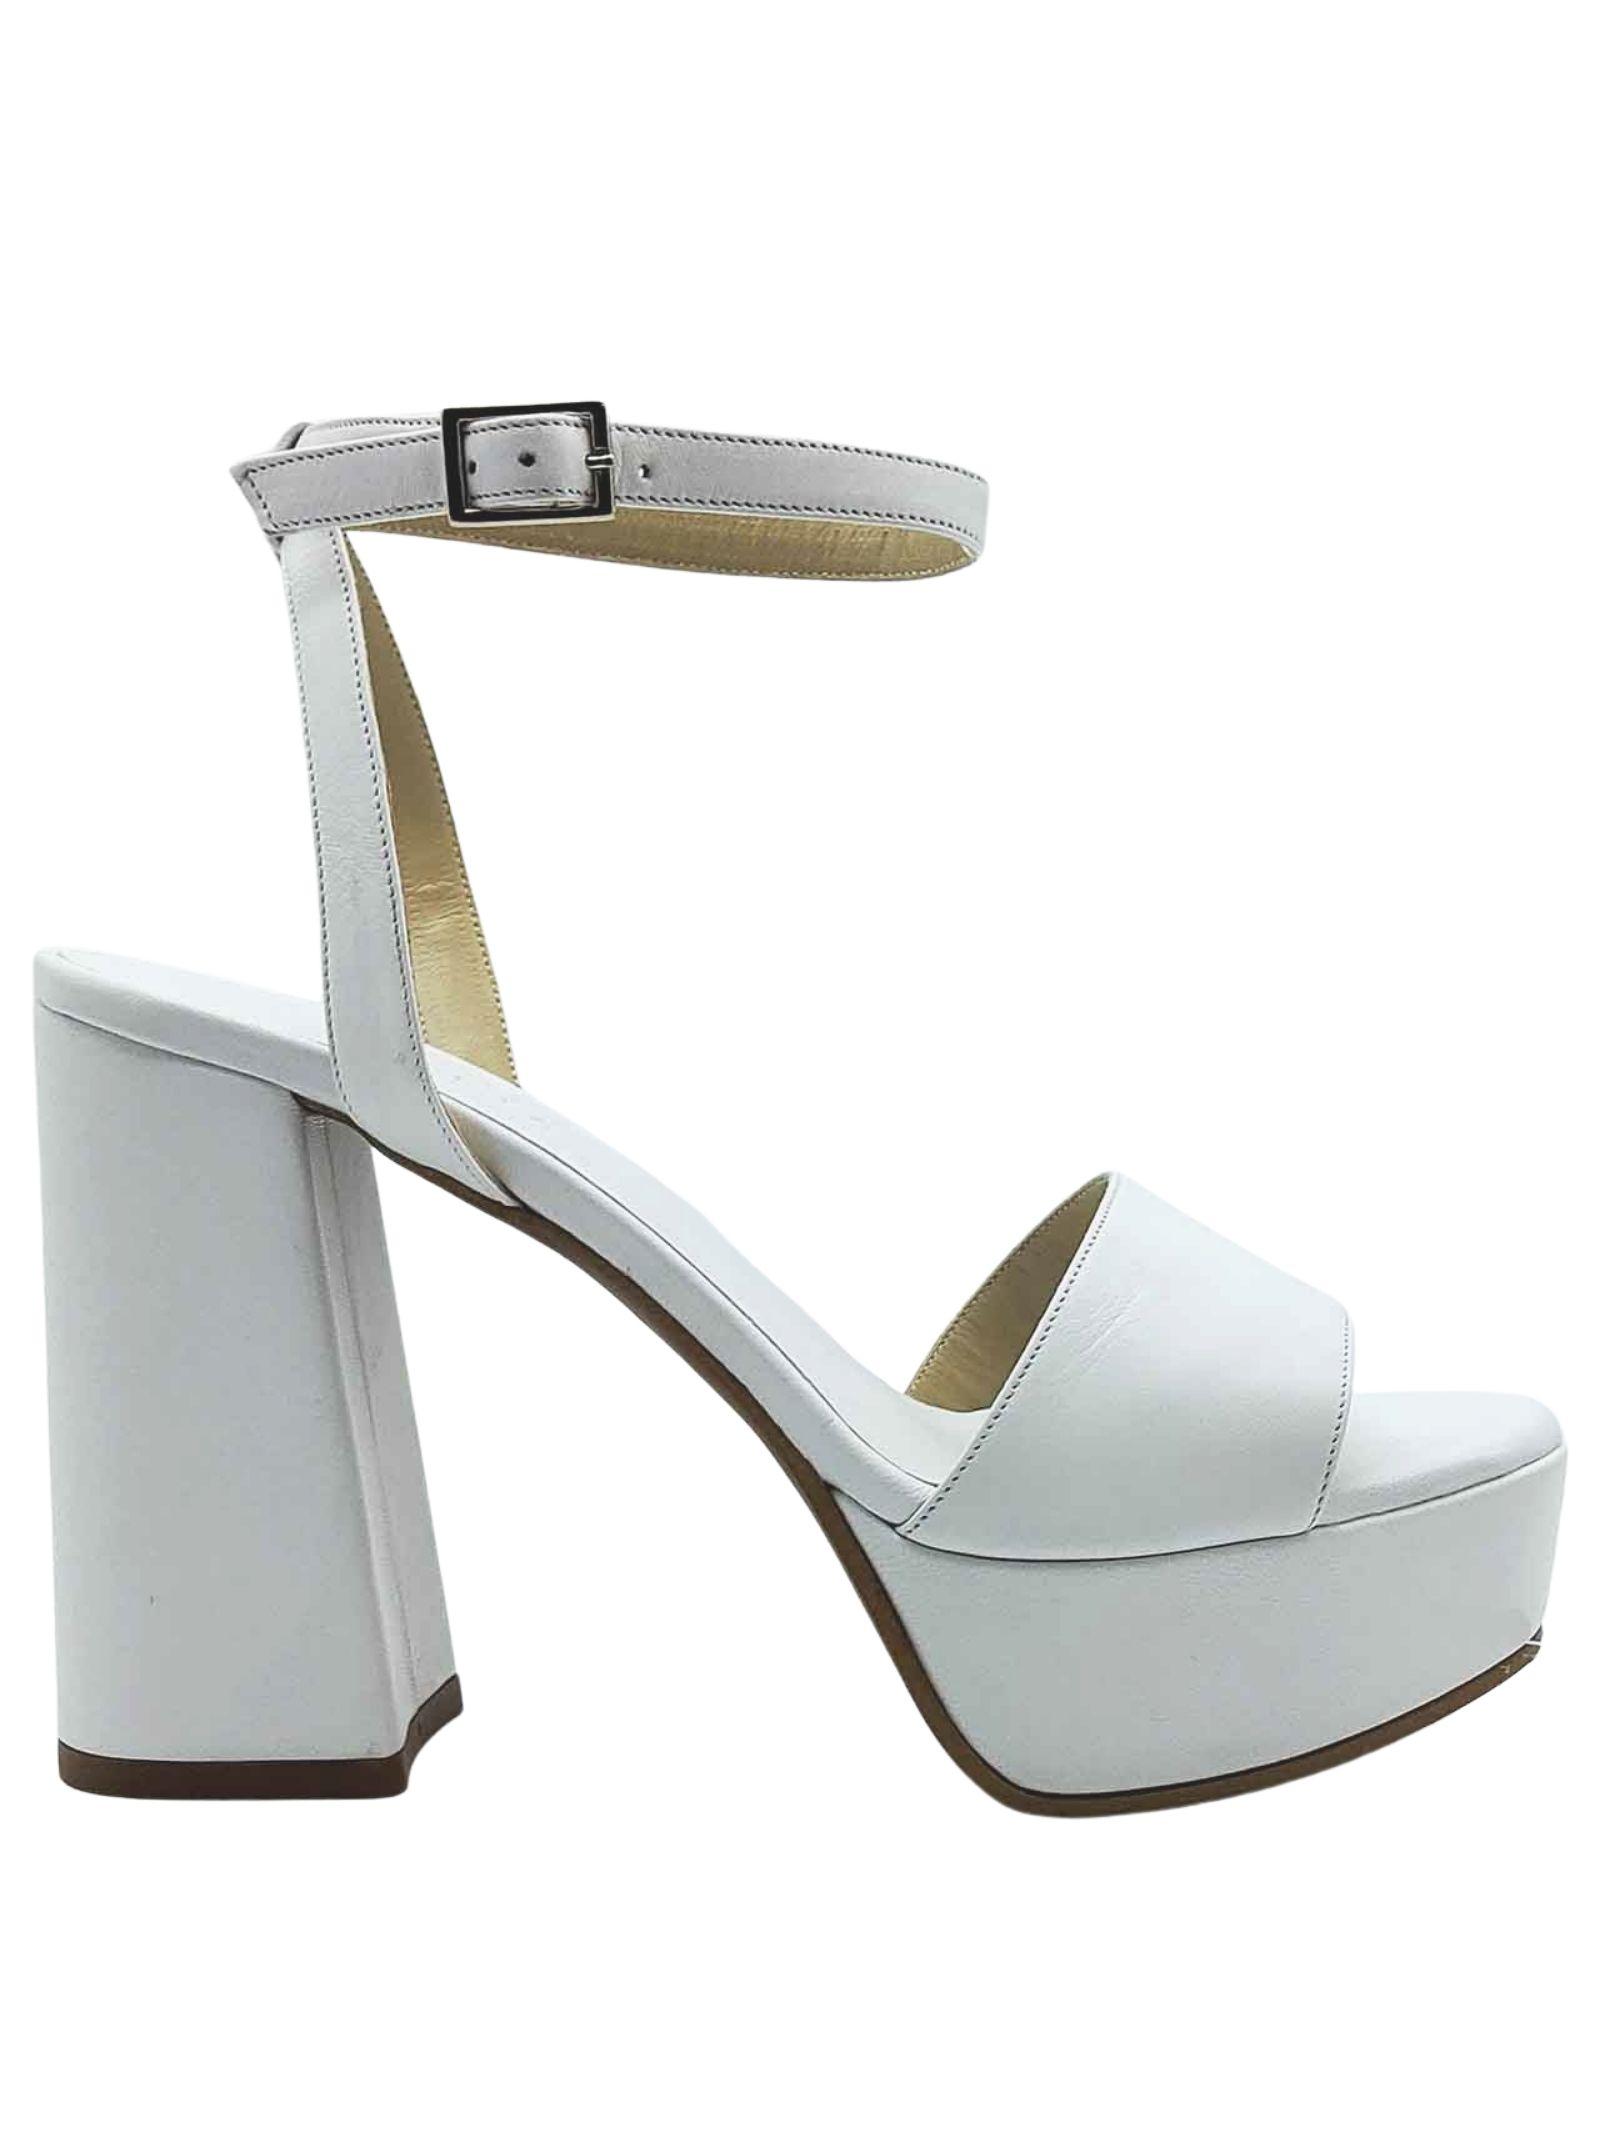 Calzature Donna Sandali Tacco Alto e Plateau in pelle Nera con Cinturino alla Caviglia Tattoo | Sandali | 122100